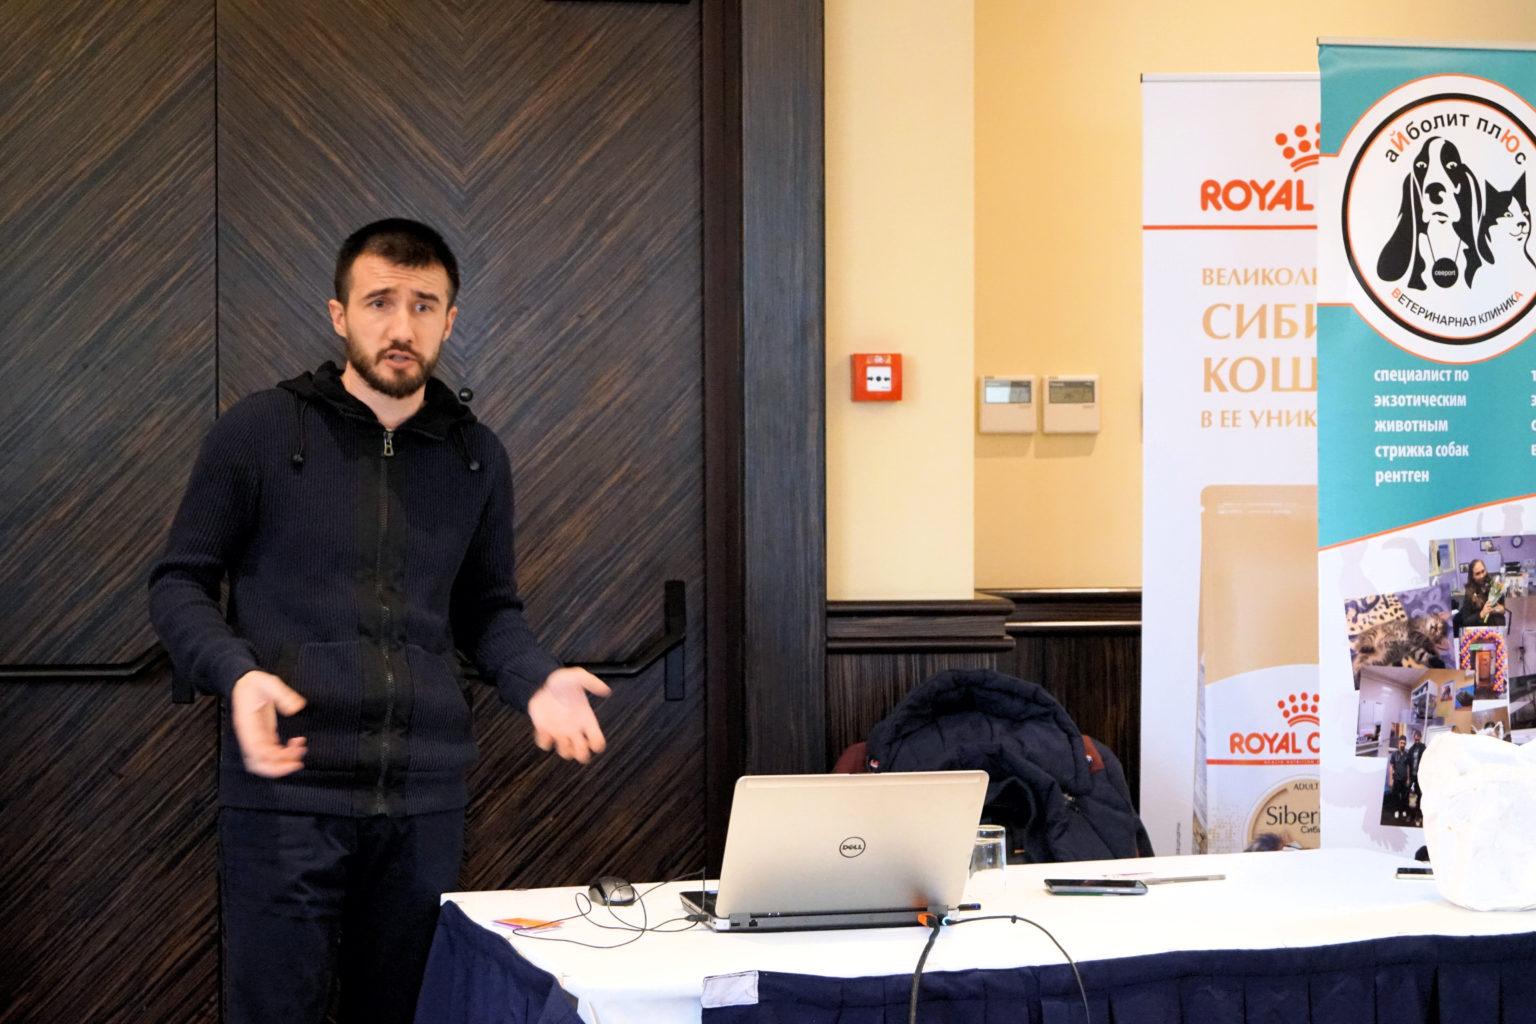 """Конференция для заводчиков 18 февраля 2017 года в Москве. Доктор В. В. Ткачук (""""Айболит Плюс"""") проводит лекцию о проблемах пищеварения у кошек."""